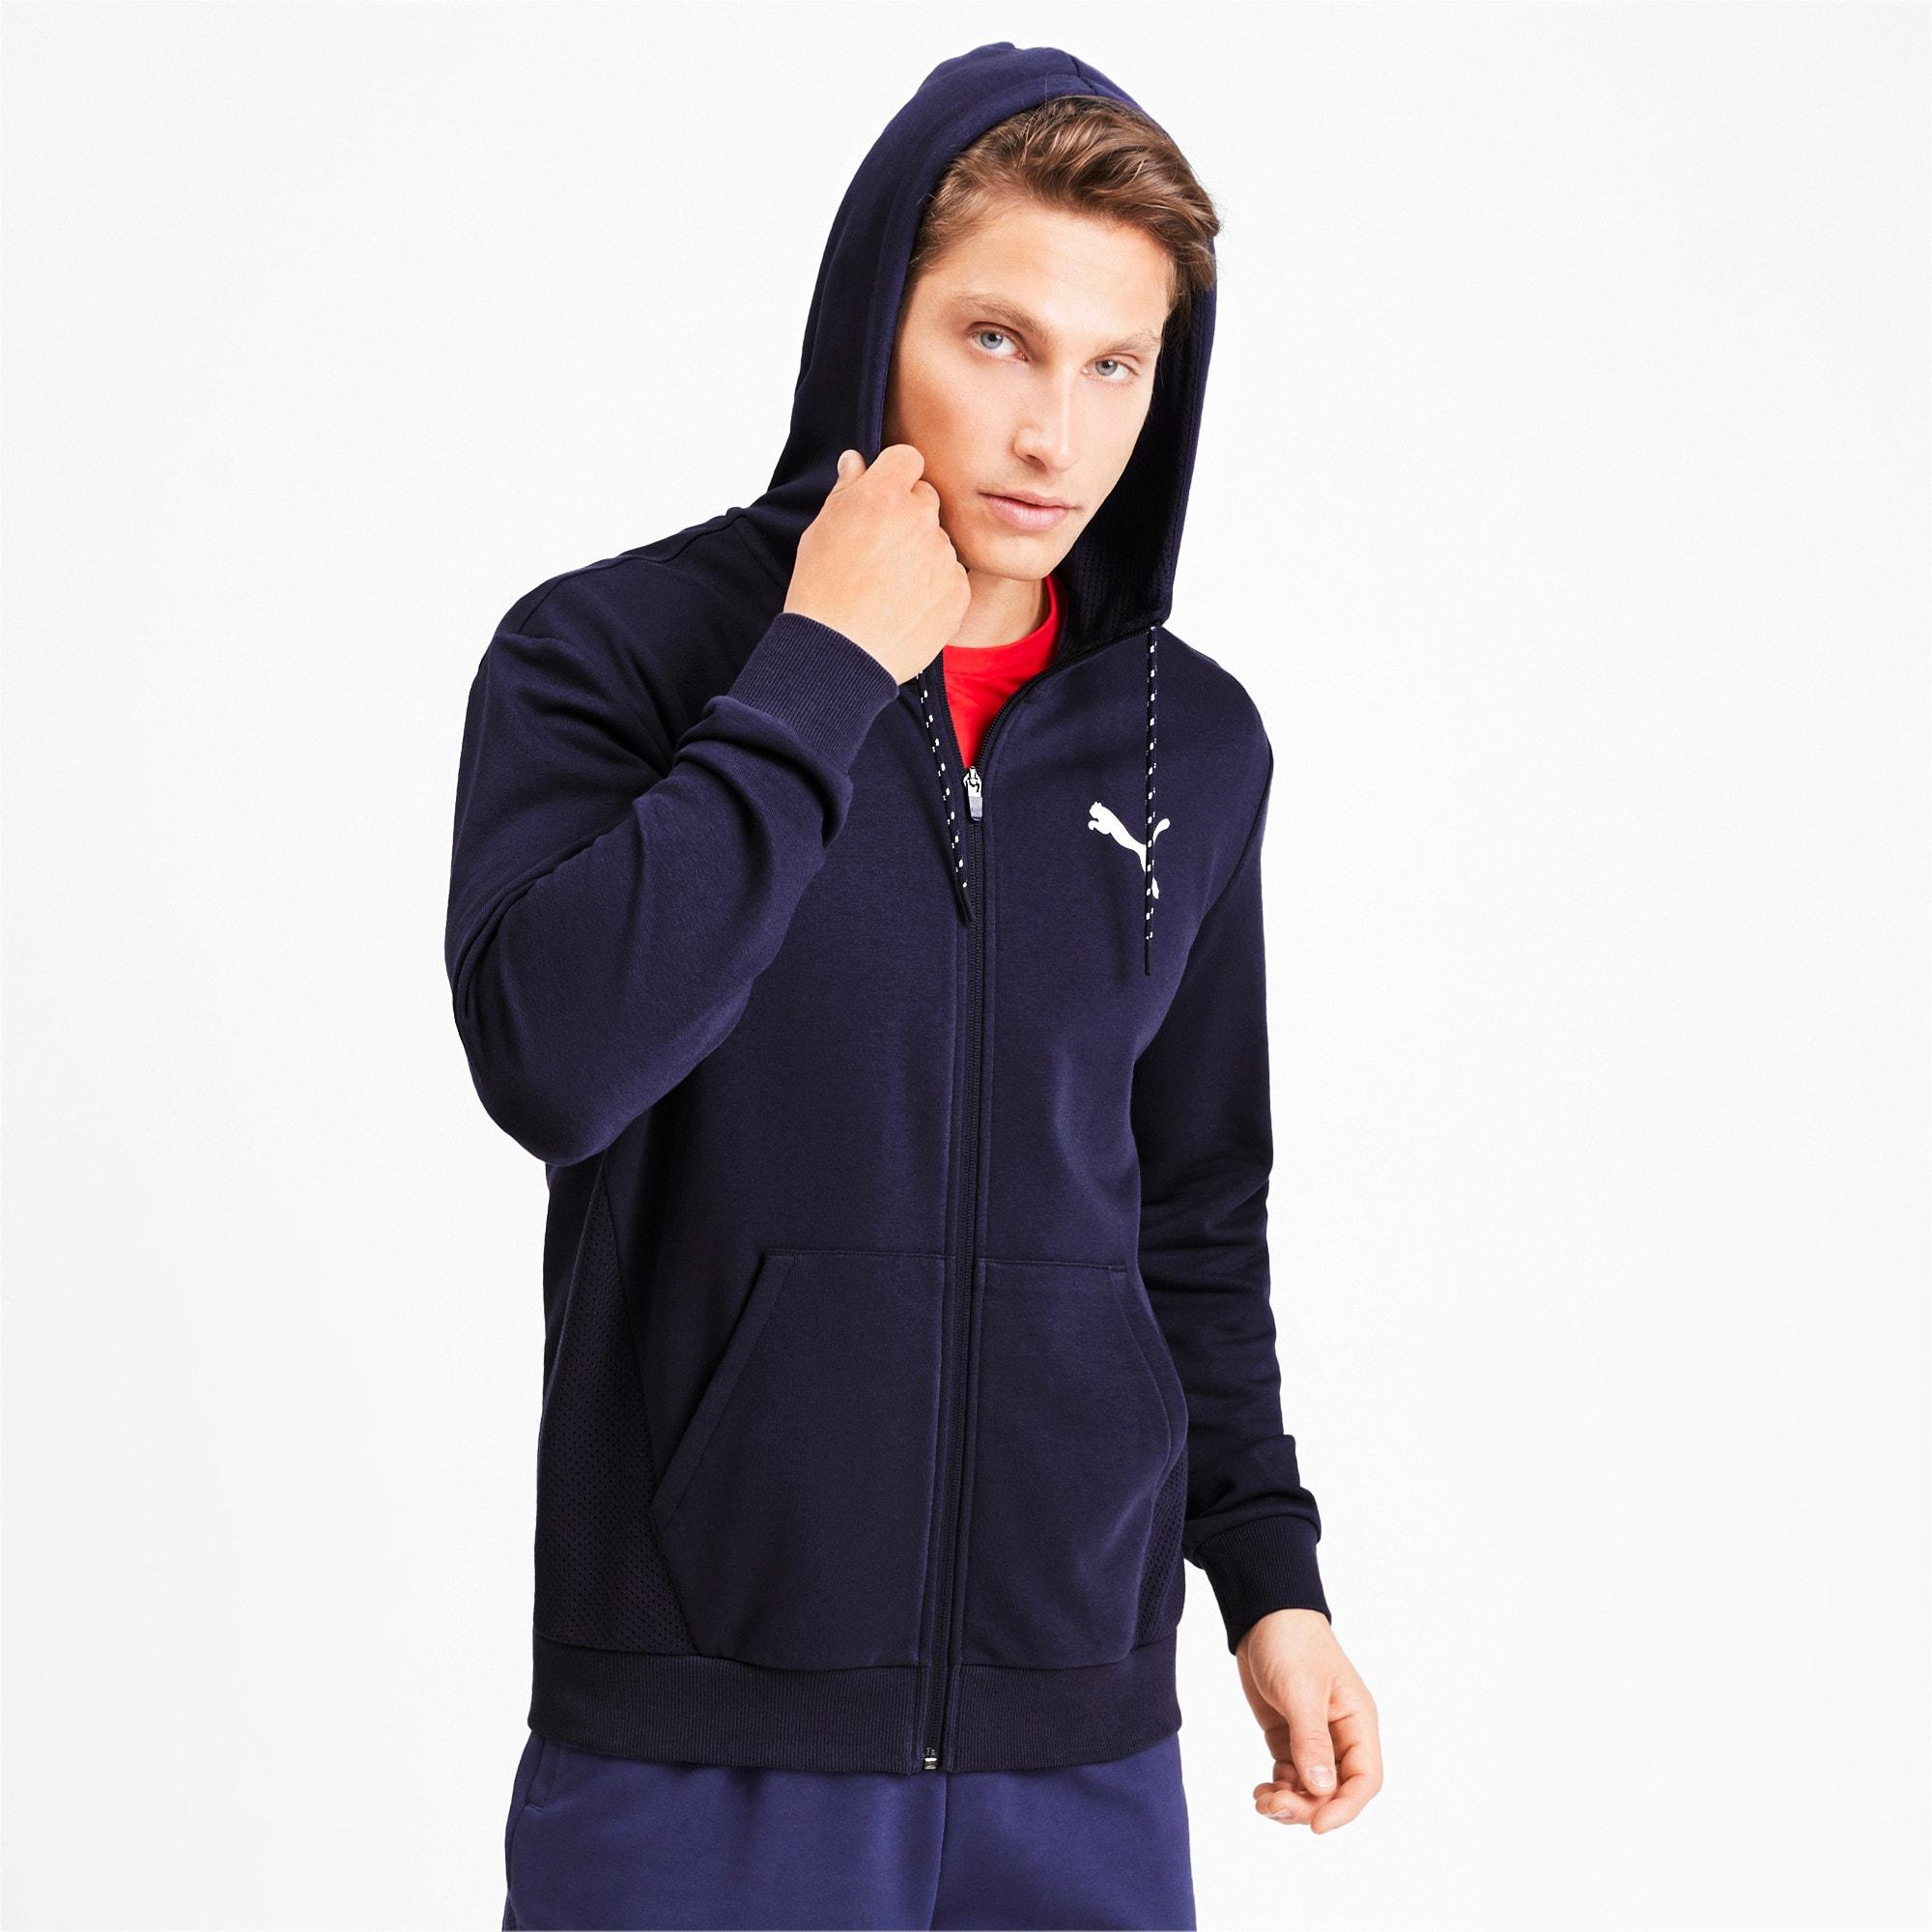 Miniatura 1 de Sudadera Modern Sports con capucha y cierre completo para hombre, Peacoat, mediano